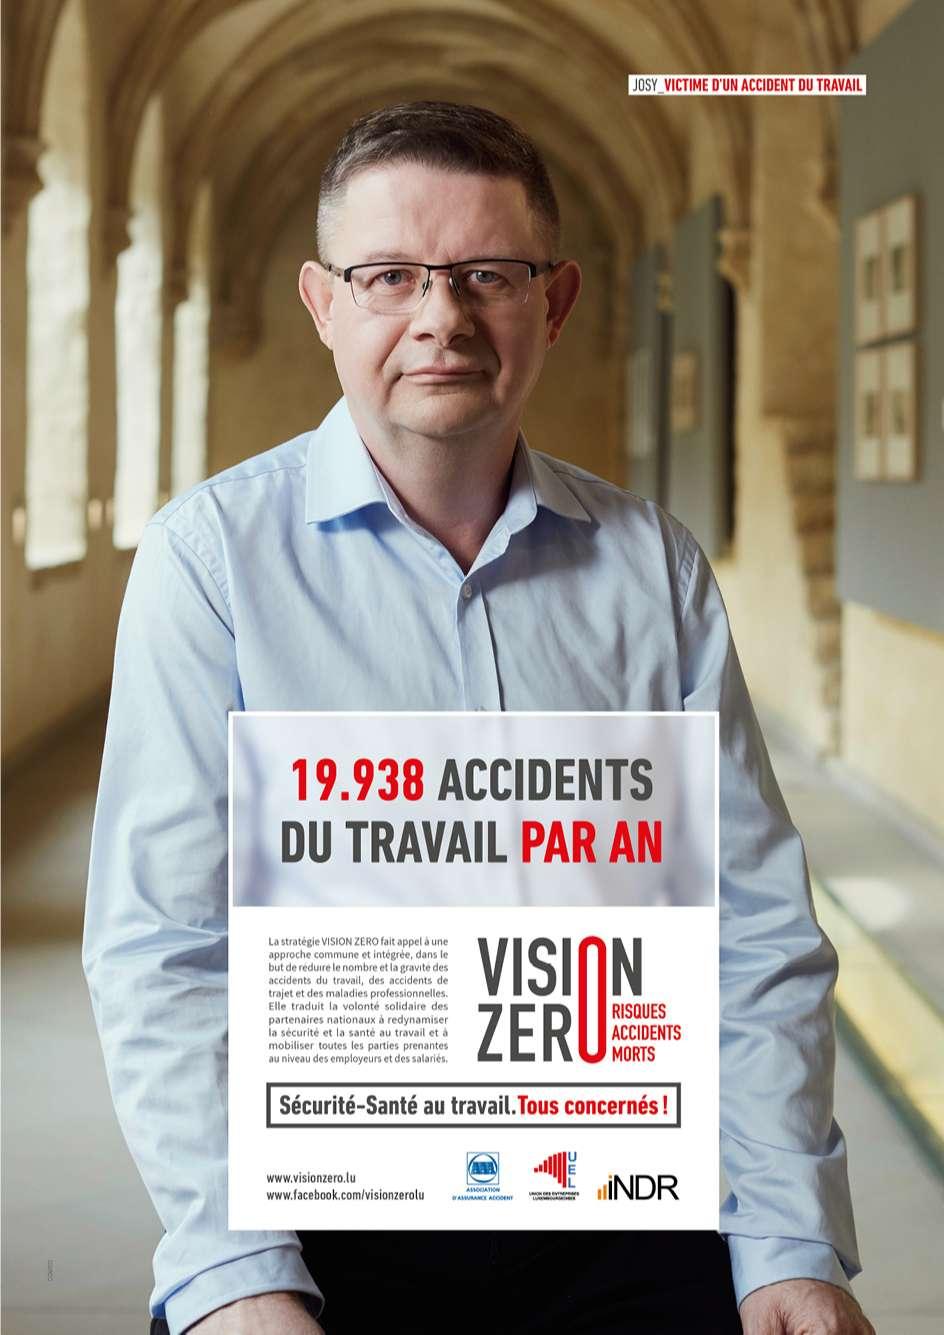 Des chiffres issus des statistiques au Luxembourg interpellent sur les accidents au travail dans cette annonce réalisée par Comed